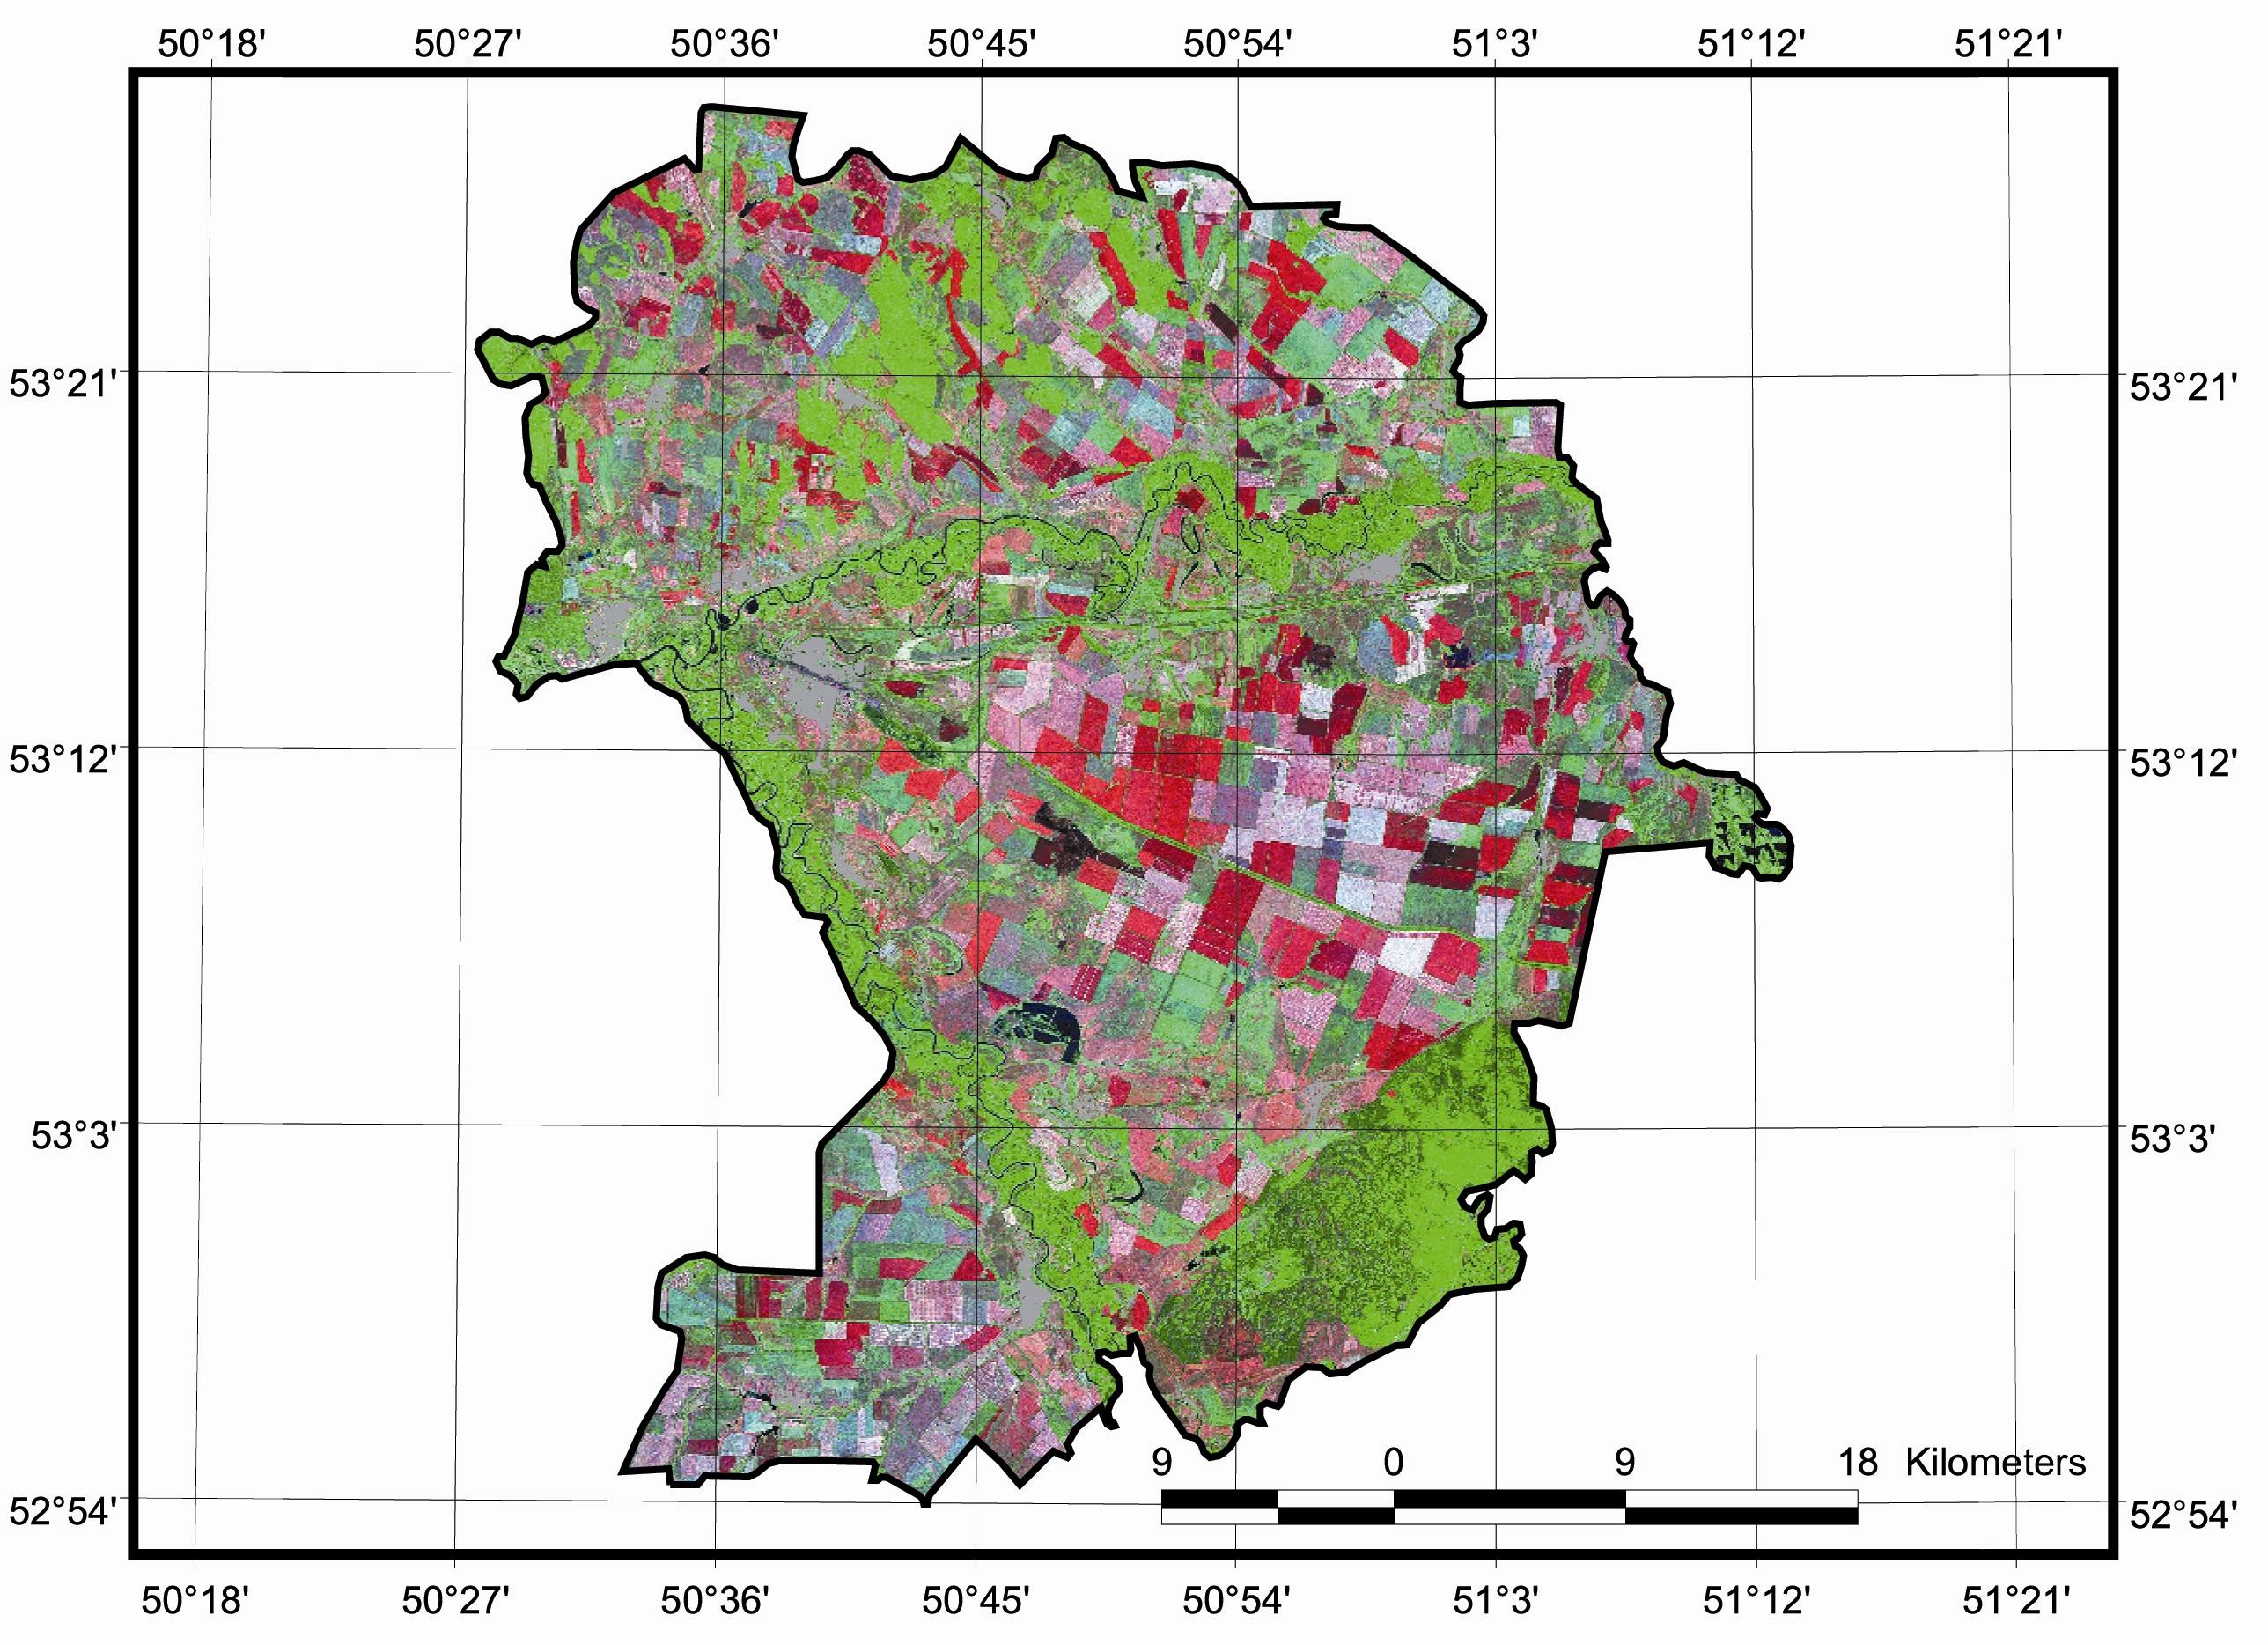 Рис. 426. Кинельский р-н Самарской области на космоснимке Landsat ETM+